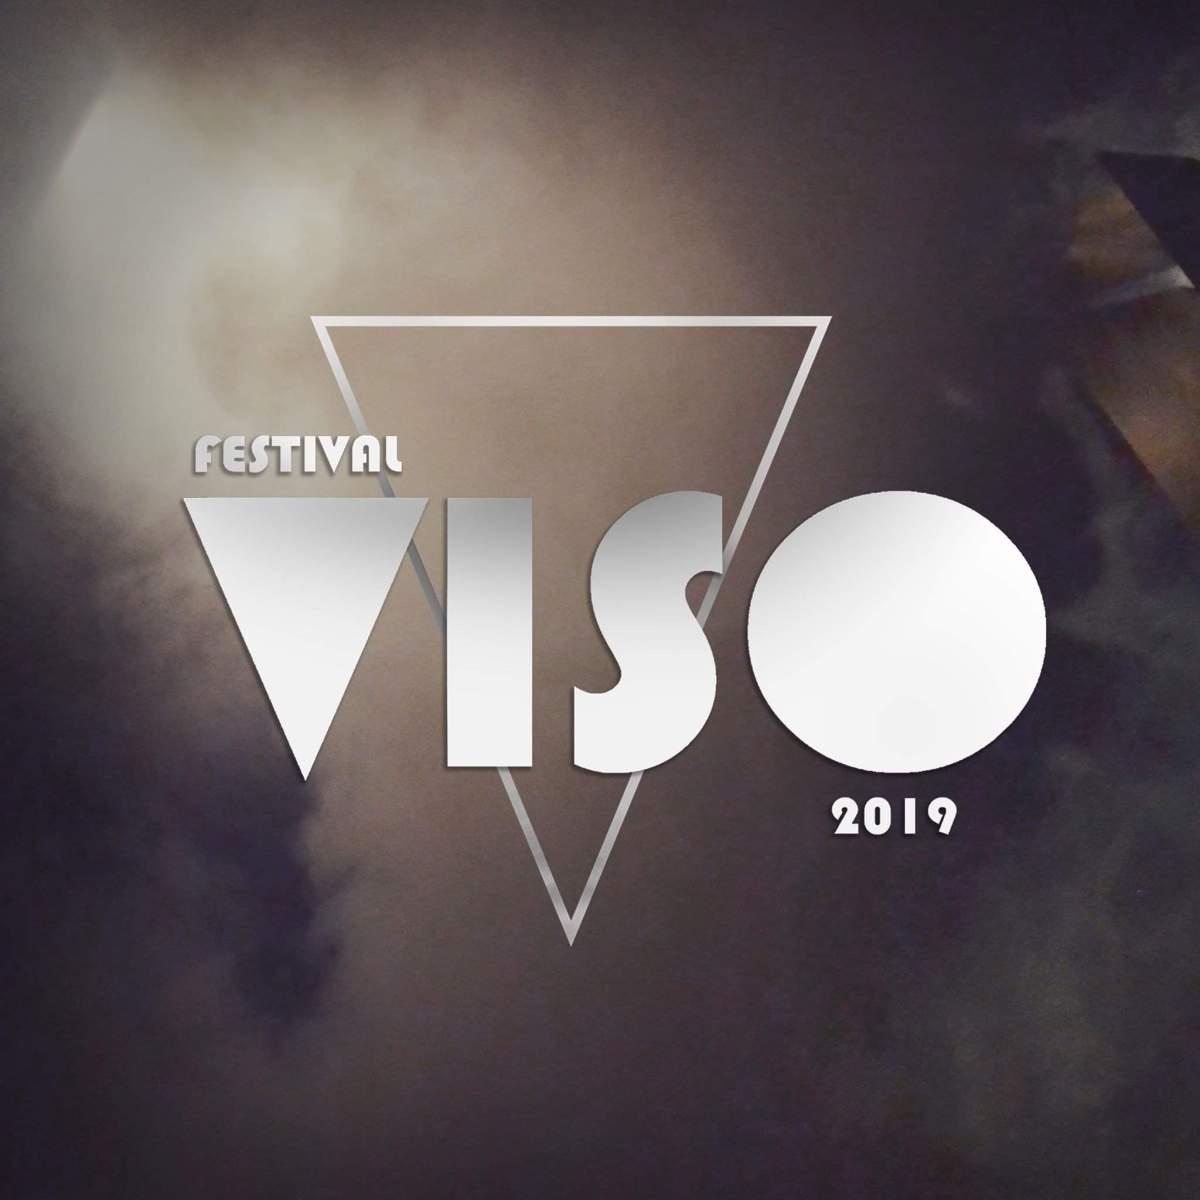 Festival Viso Out: Cosas que debes saber de este evento[Entrevista]